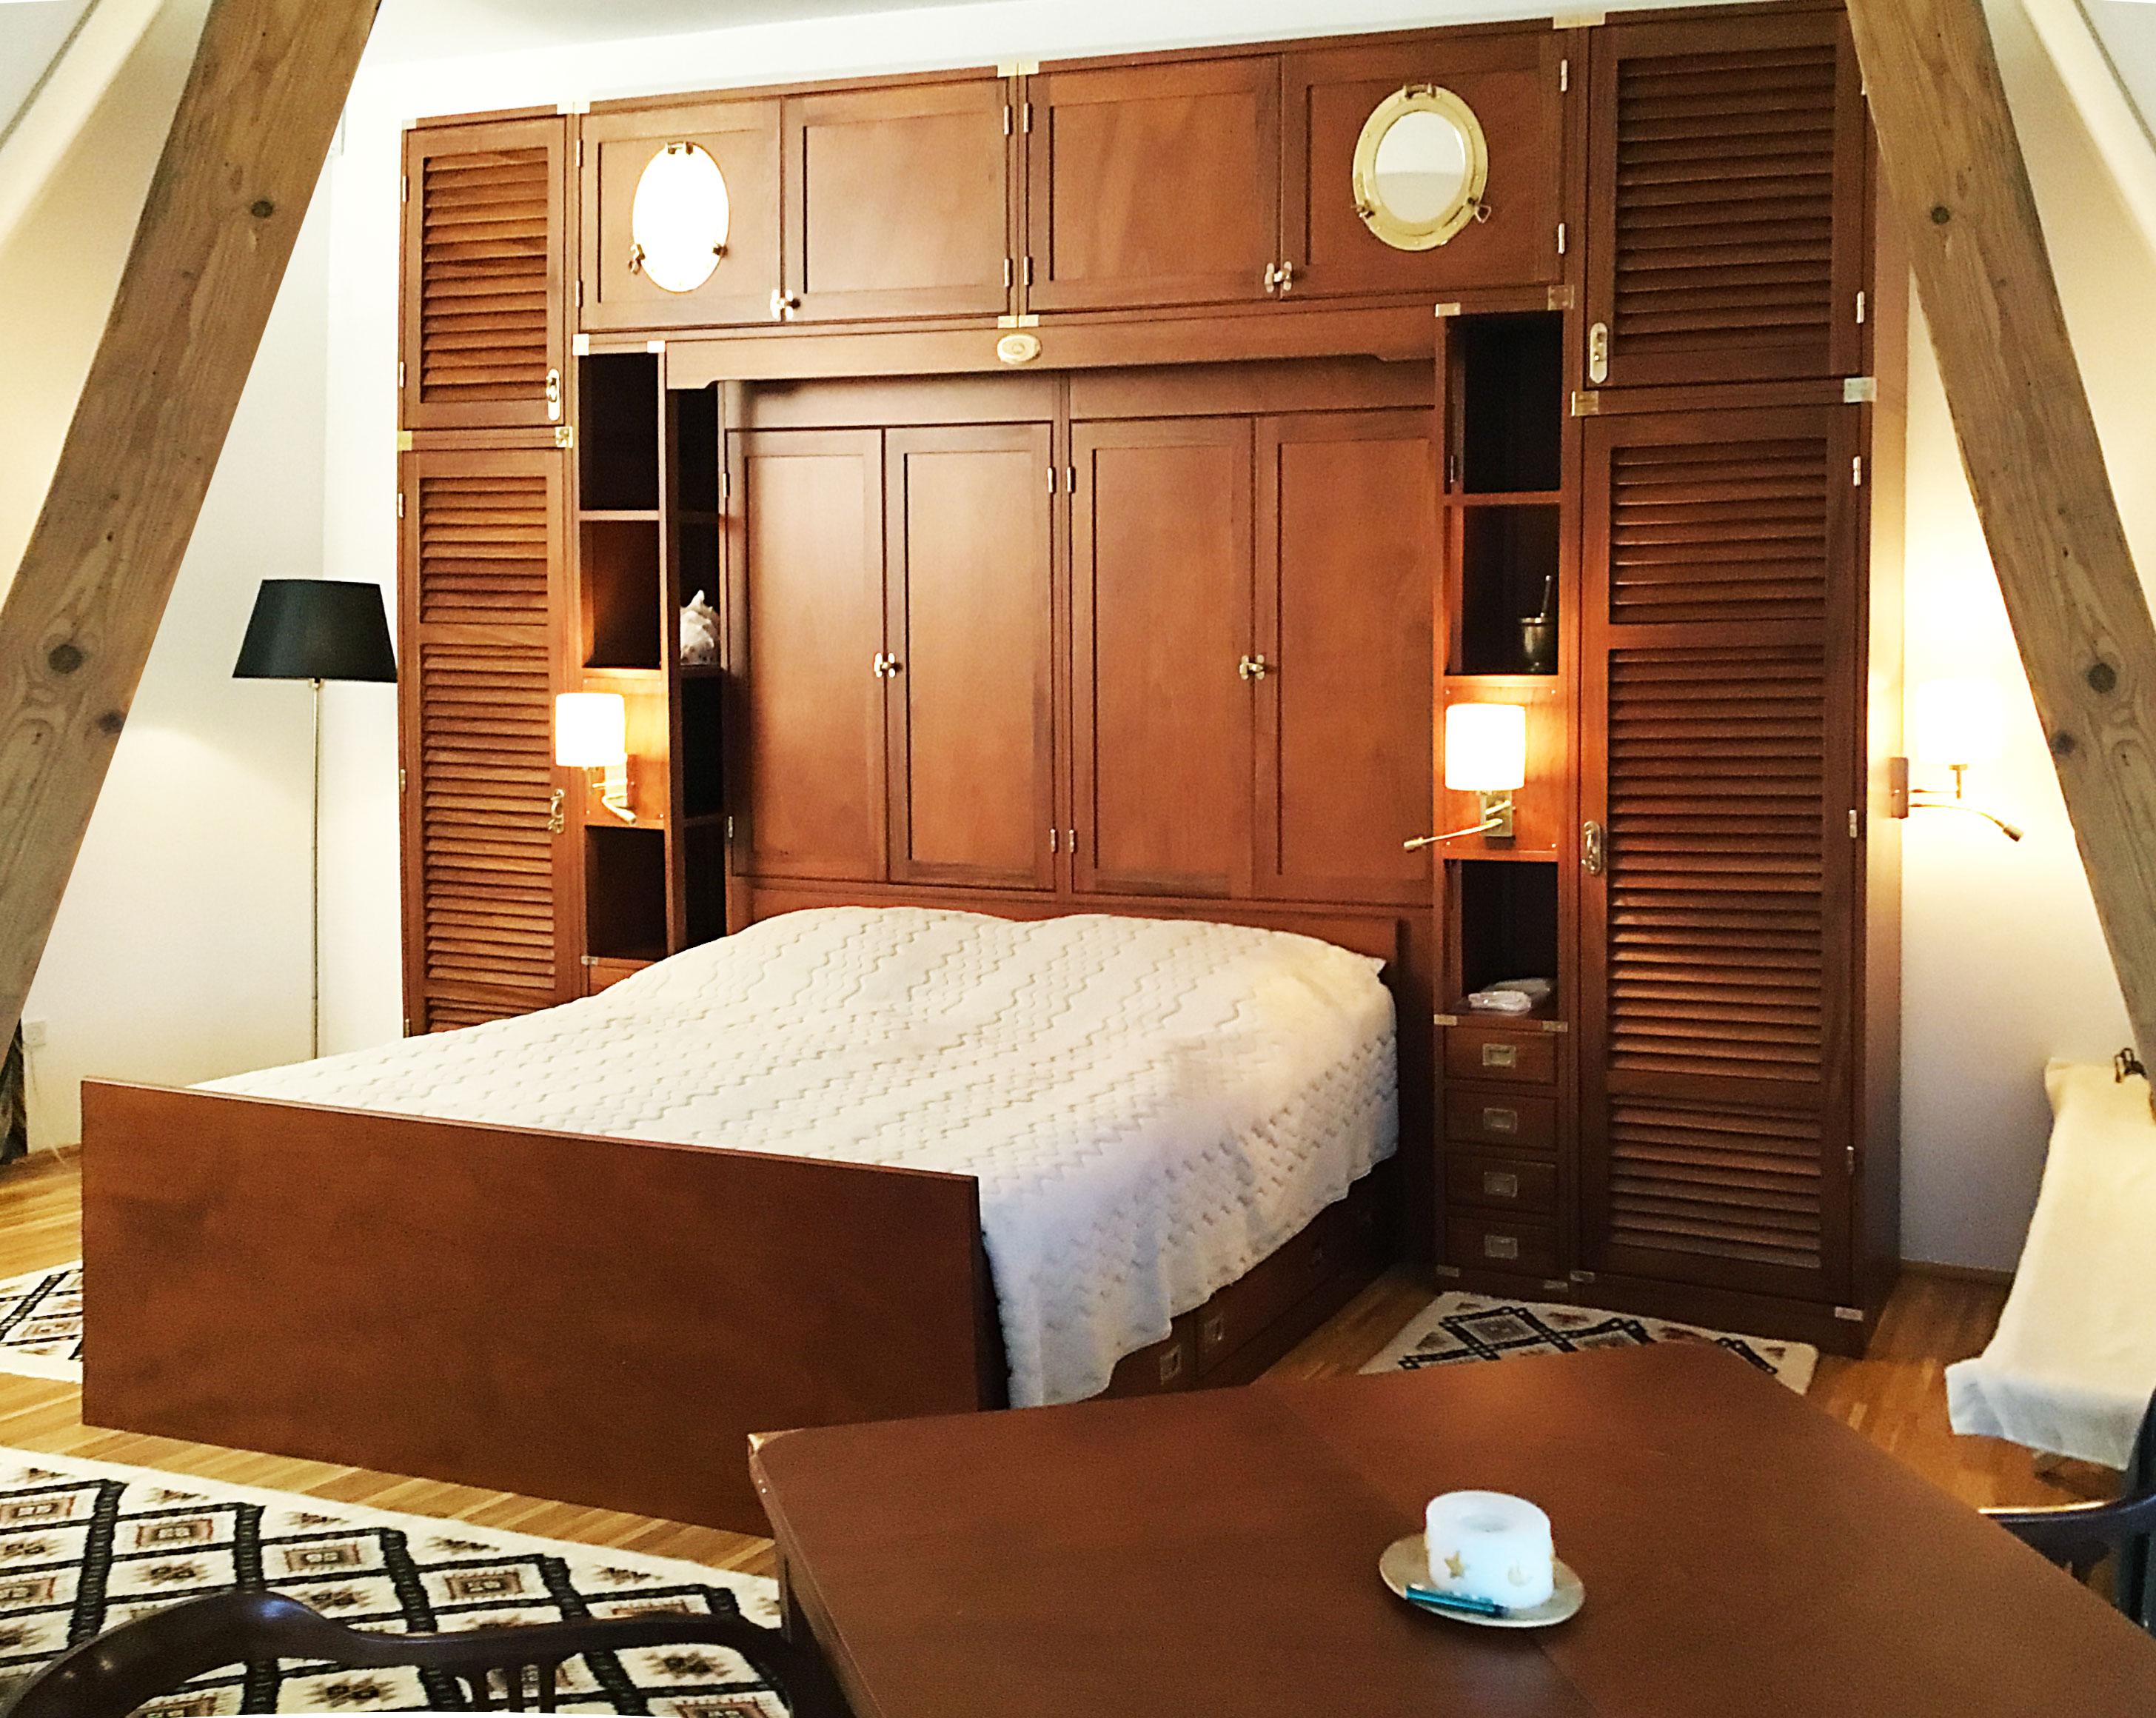 Bridge wardrobe with double bed